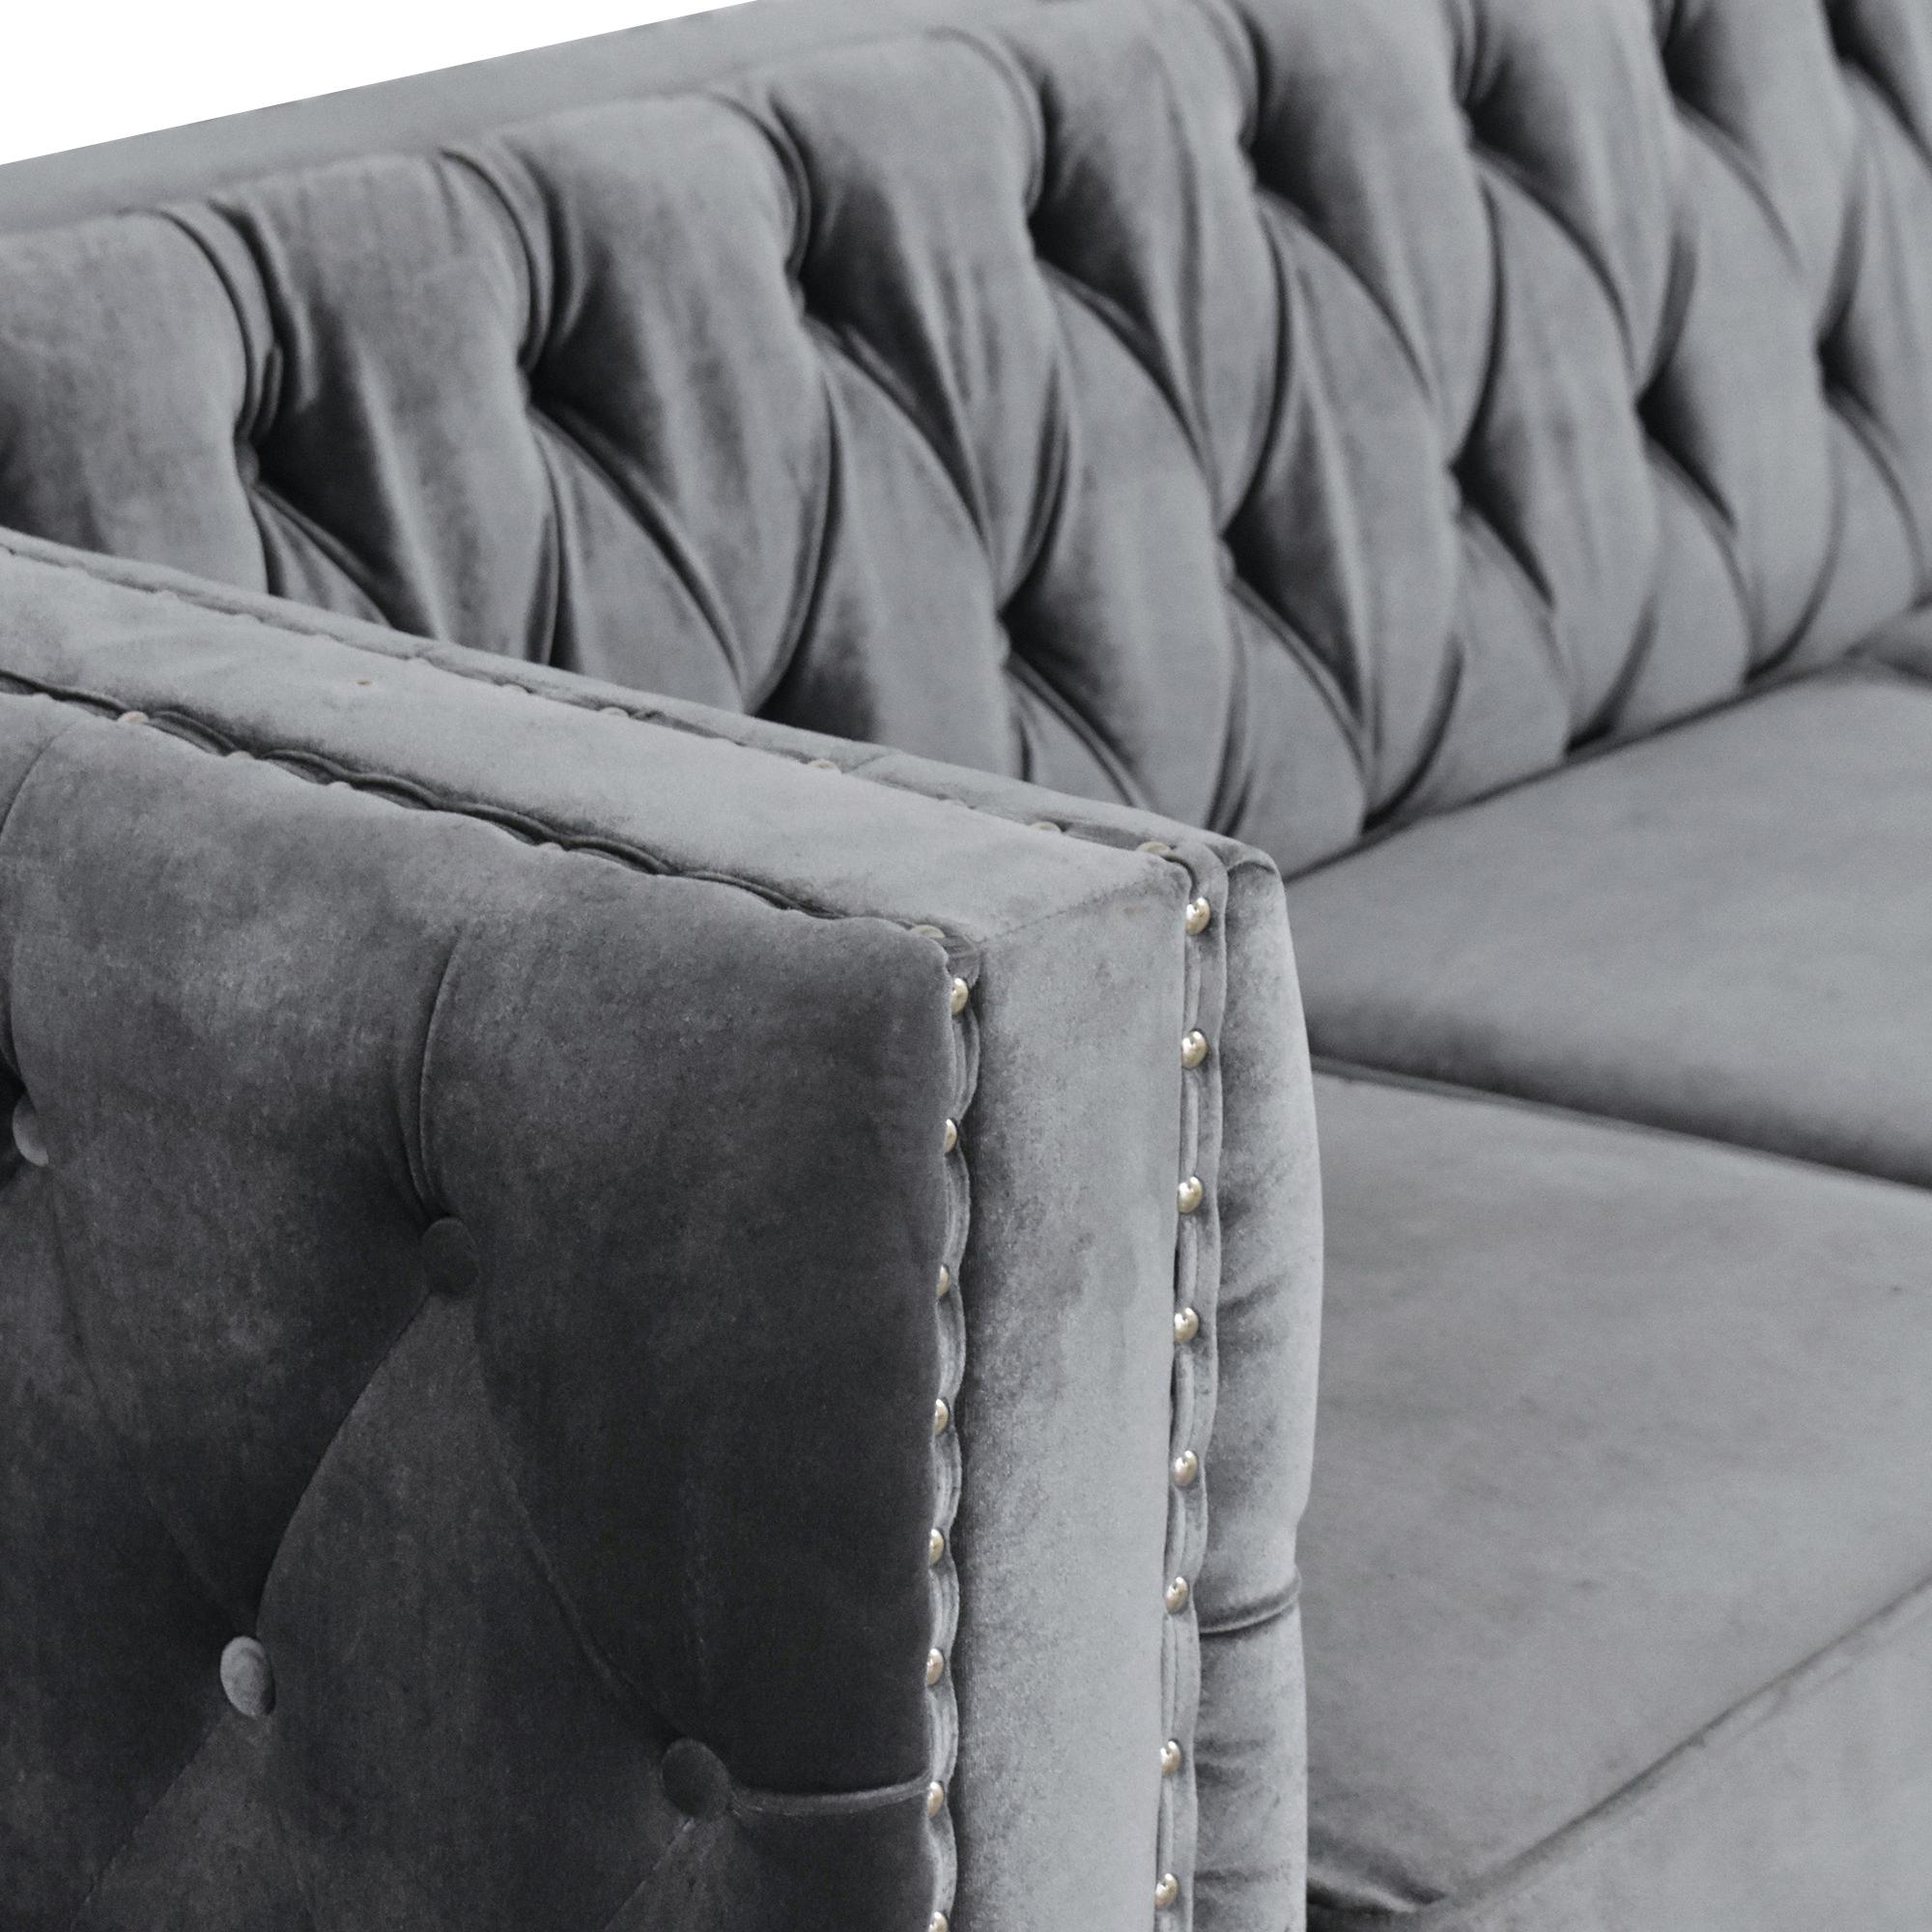 Wayfair Wayfair Tuxedo Nailhead Sofa